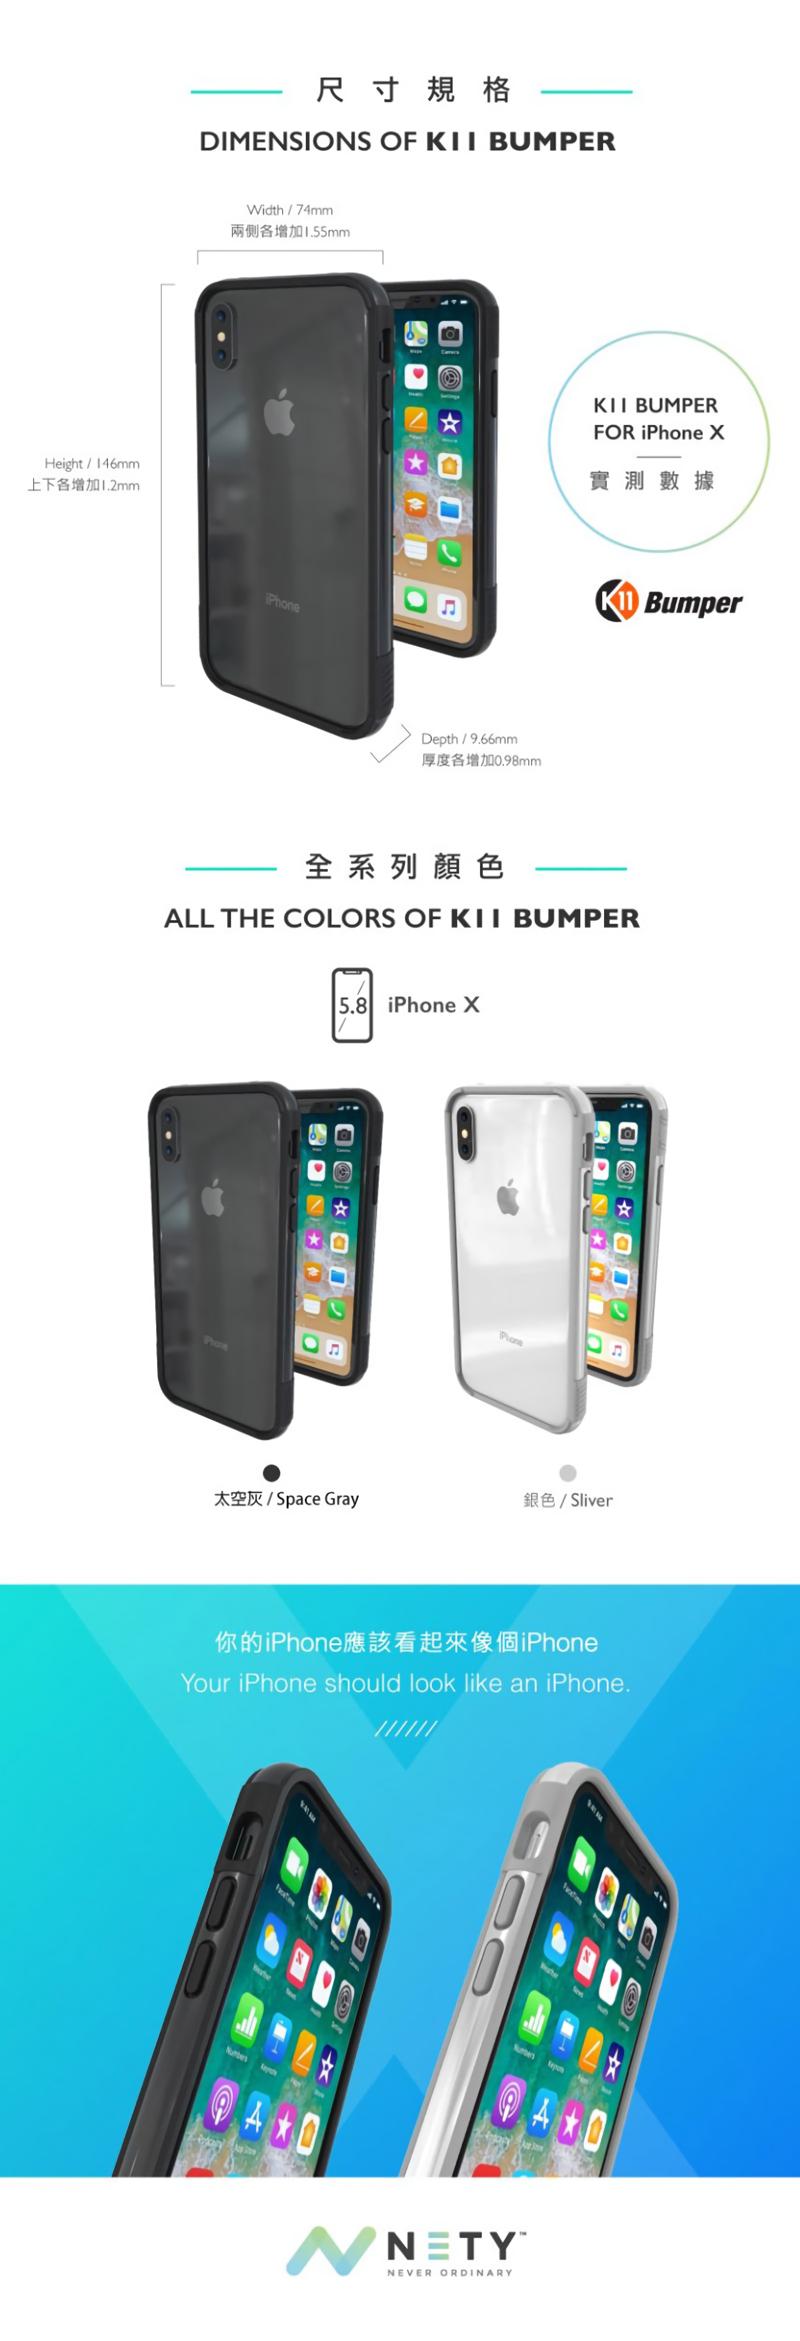 [開箱實測] 美國 ThanoTech K11 Bumper 裸機質感金屬防摔保護殼 for iPhone X / 8 / 7 Plus